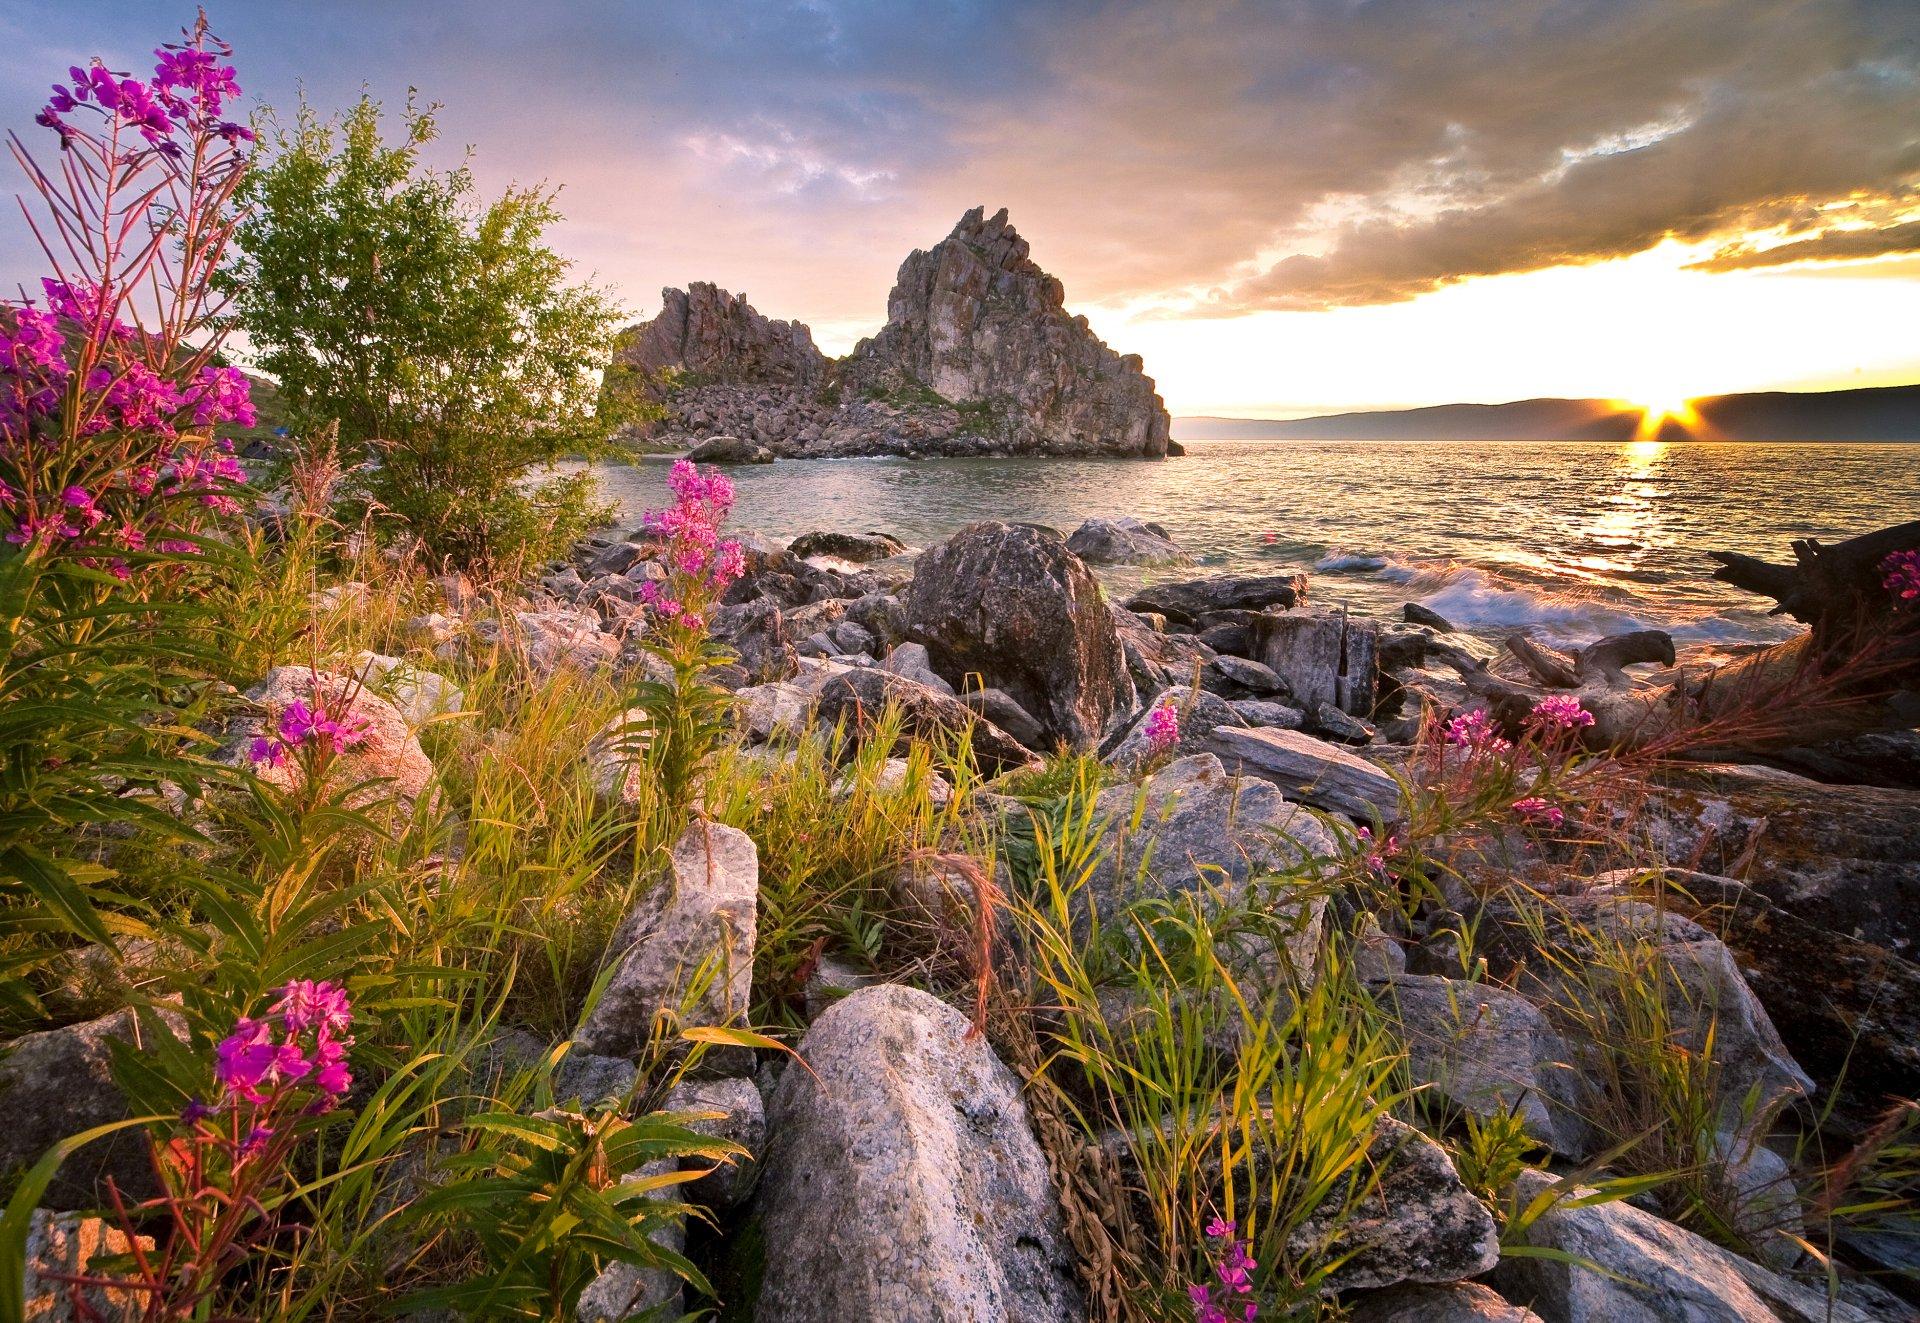 поможет контролировать пейзажи на камнях фото менеджерам салона